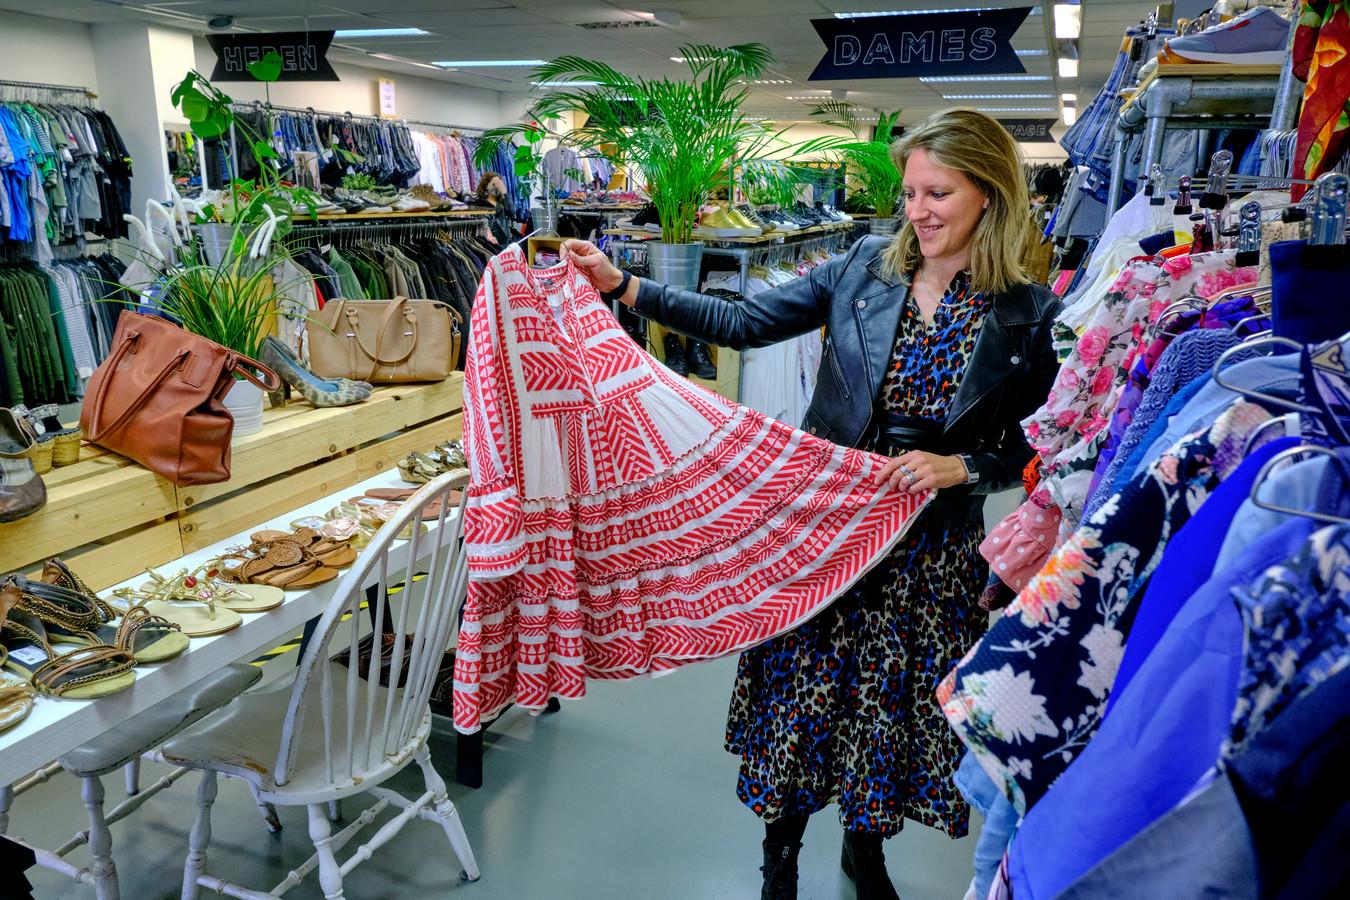 De ReShare Store in Dordrecht verkoopt deze week tweedehandskleding met een verhaal. Floormanager Marit Delwel: ,,Het heeft toch iets extra's om te weten welke weg het kledingstuk al heeft afgelegd.''